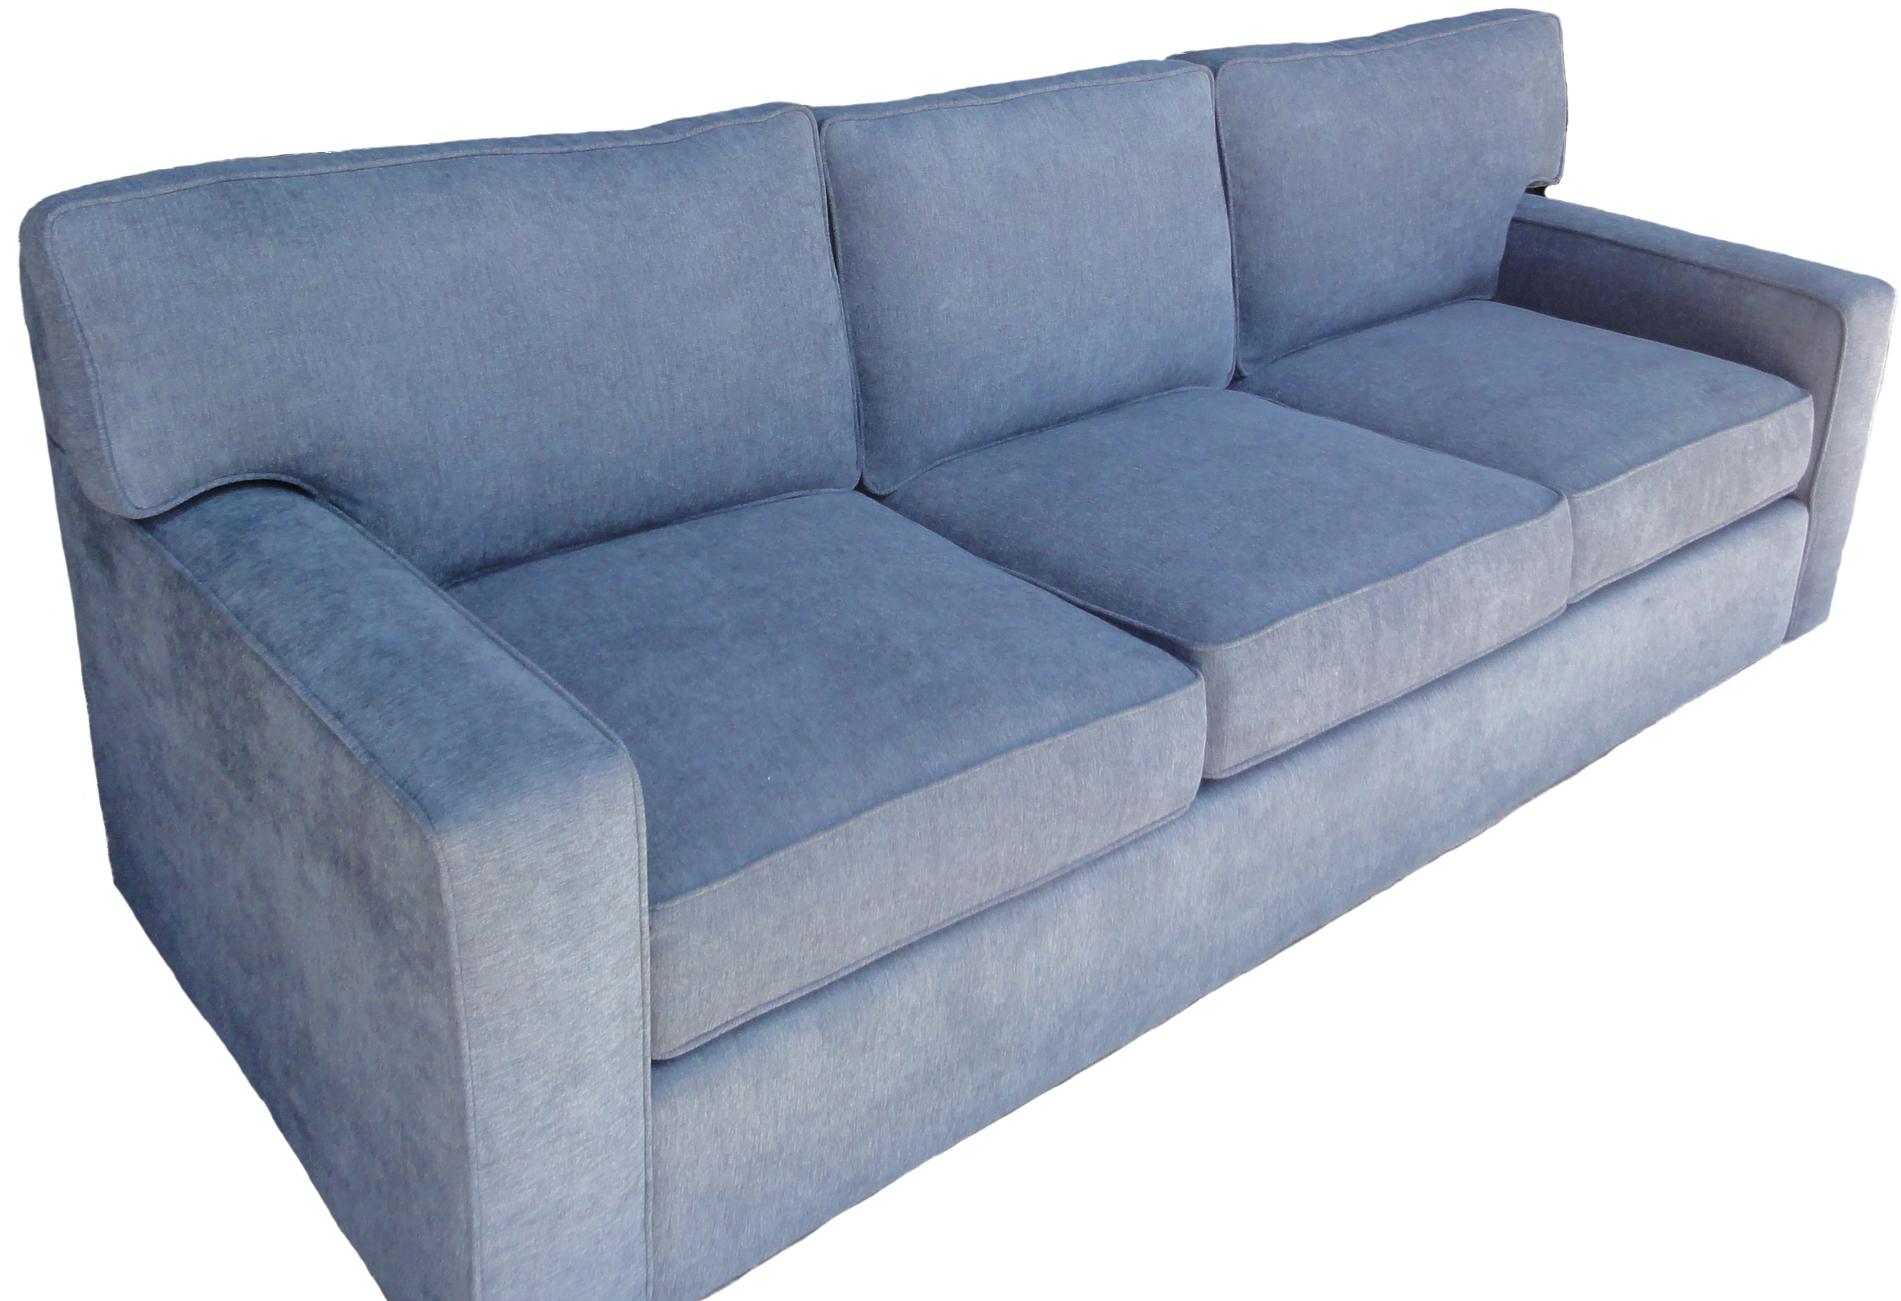 Mesa-sofa-santa-barbara-design-center-3